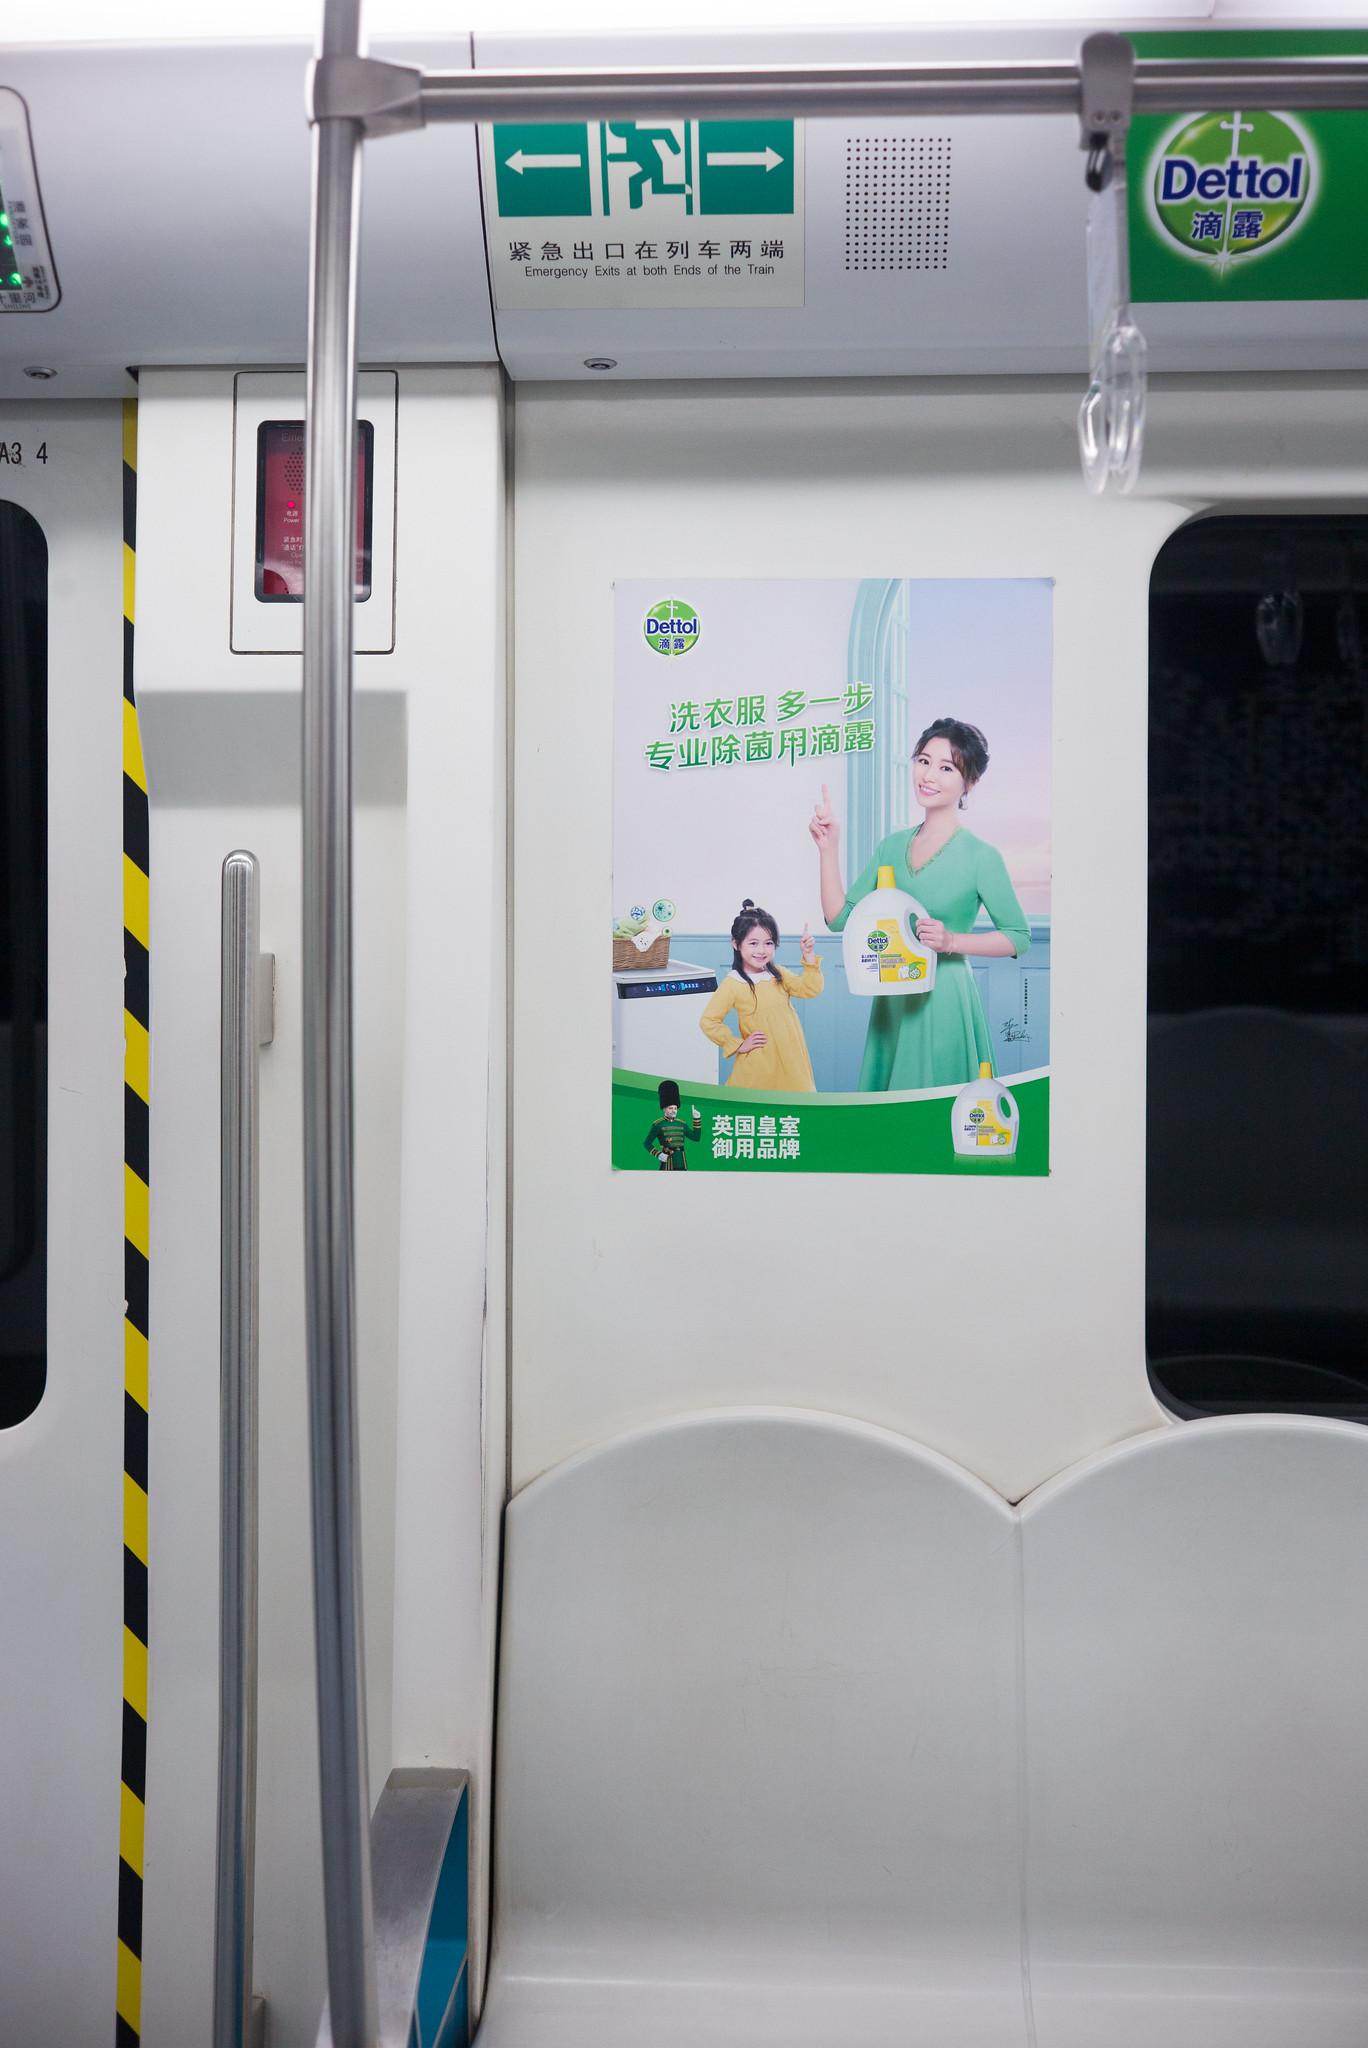 Metro-dettol-disinfectant